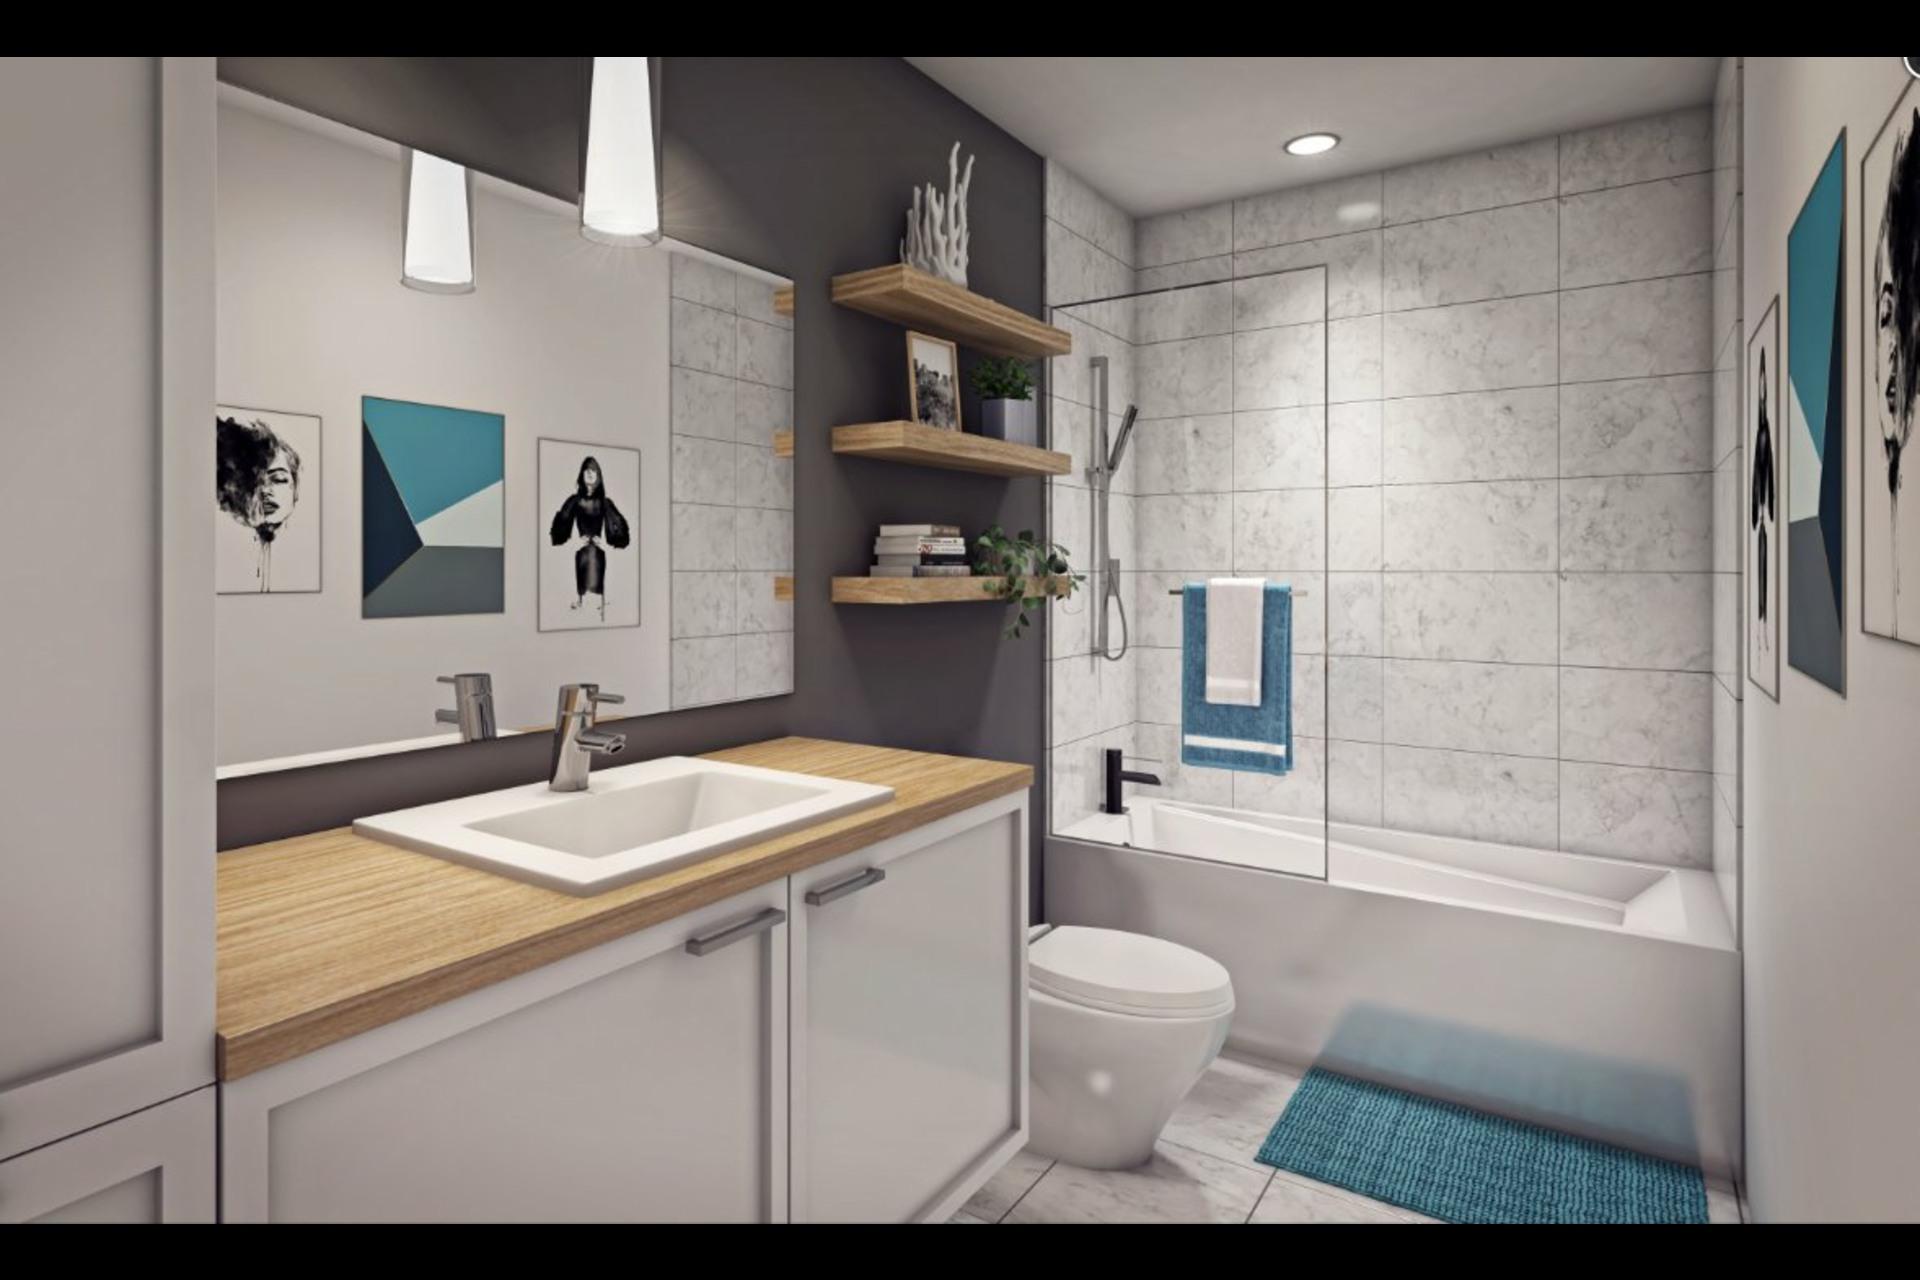 image 4 - Appartement À vendre Montréal Rosemont/La Petite-Patrie  - 4 pièces